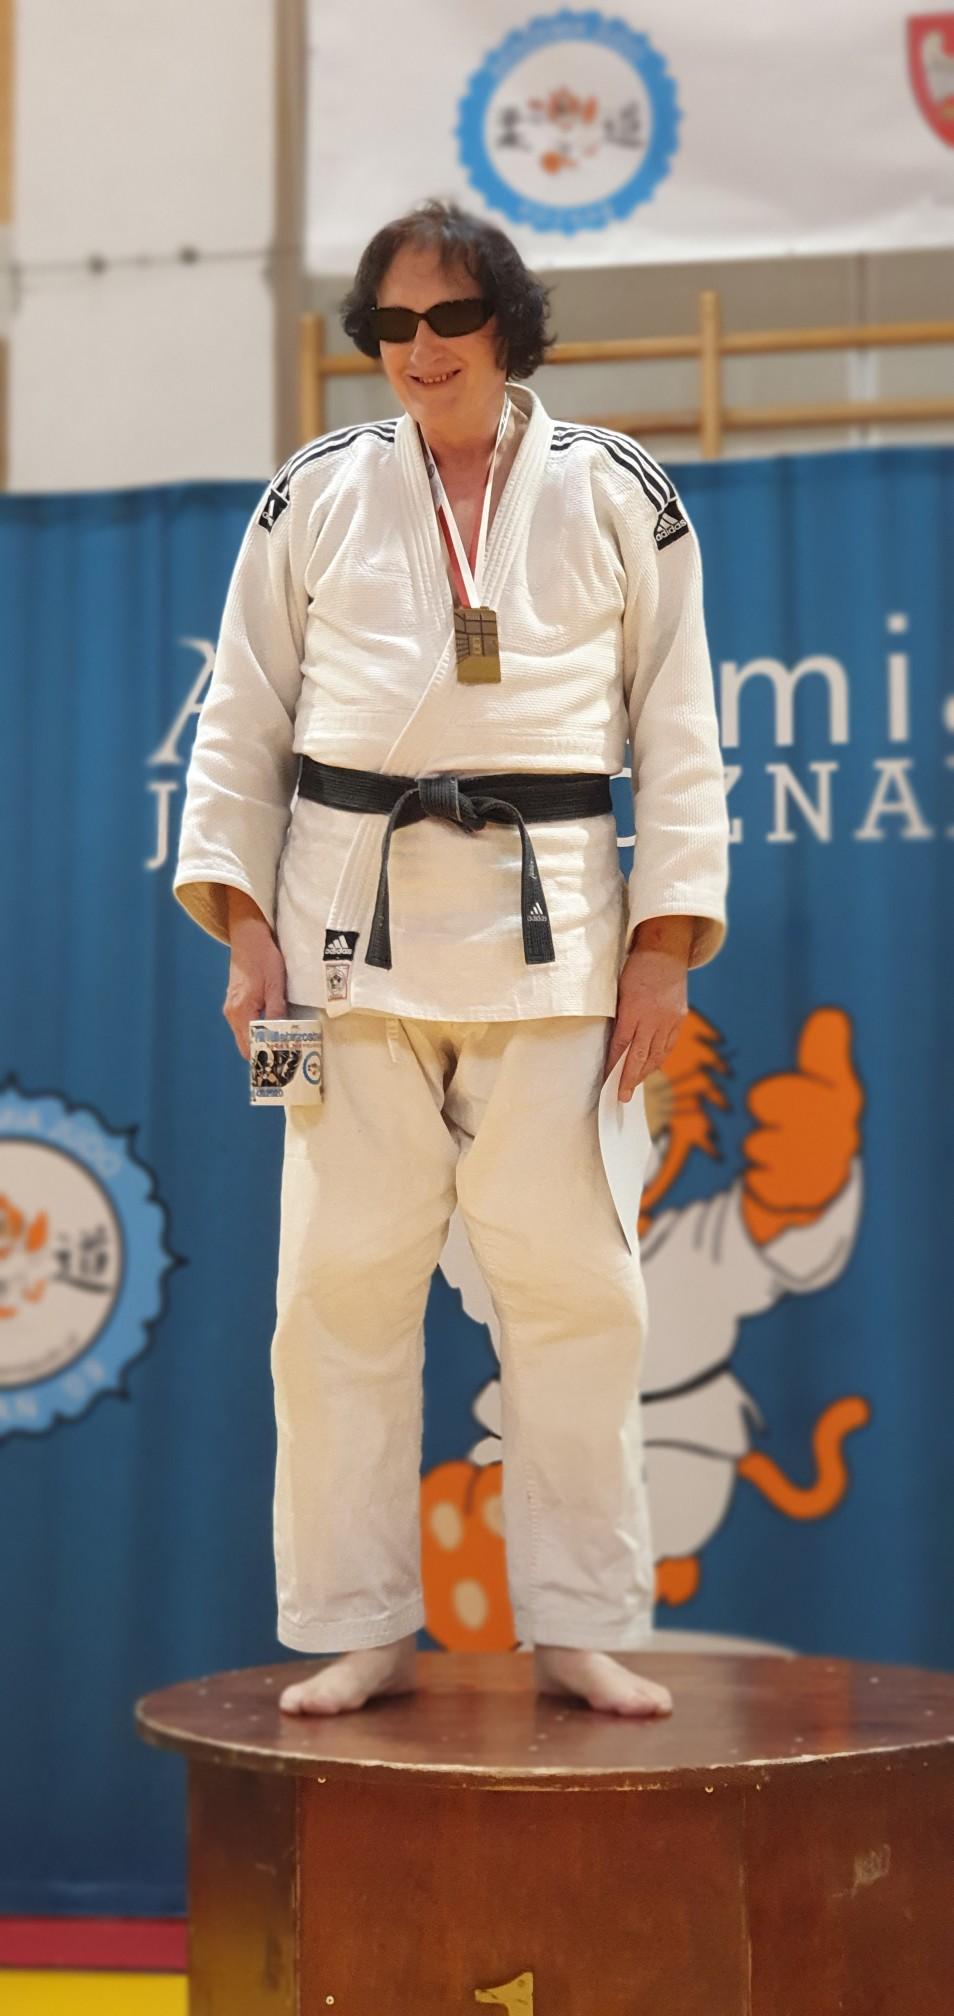 Zdjęcie Grzegorza. Grzegorz stoi na podwyższeniu, w stroju judoki i ciemnych okularach, boso, na szyi ma medal. Ręce trzyma opuszczone wzdłuż ciała, w lewej ręce trzyma kubek